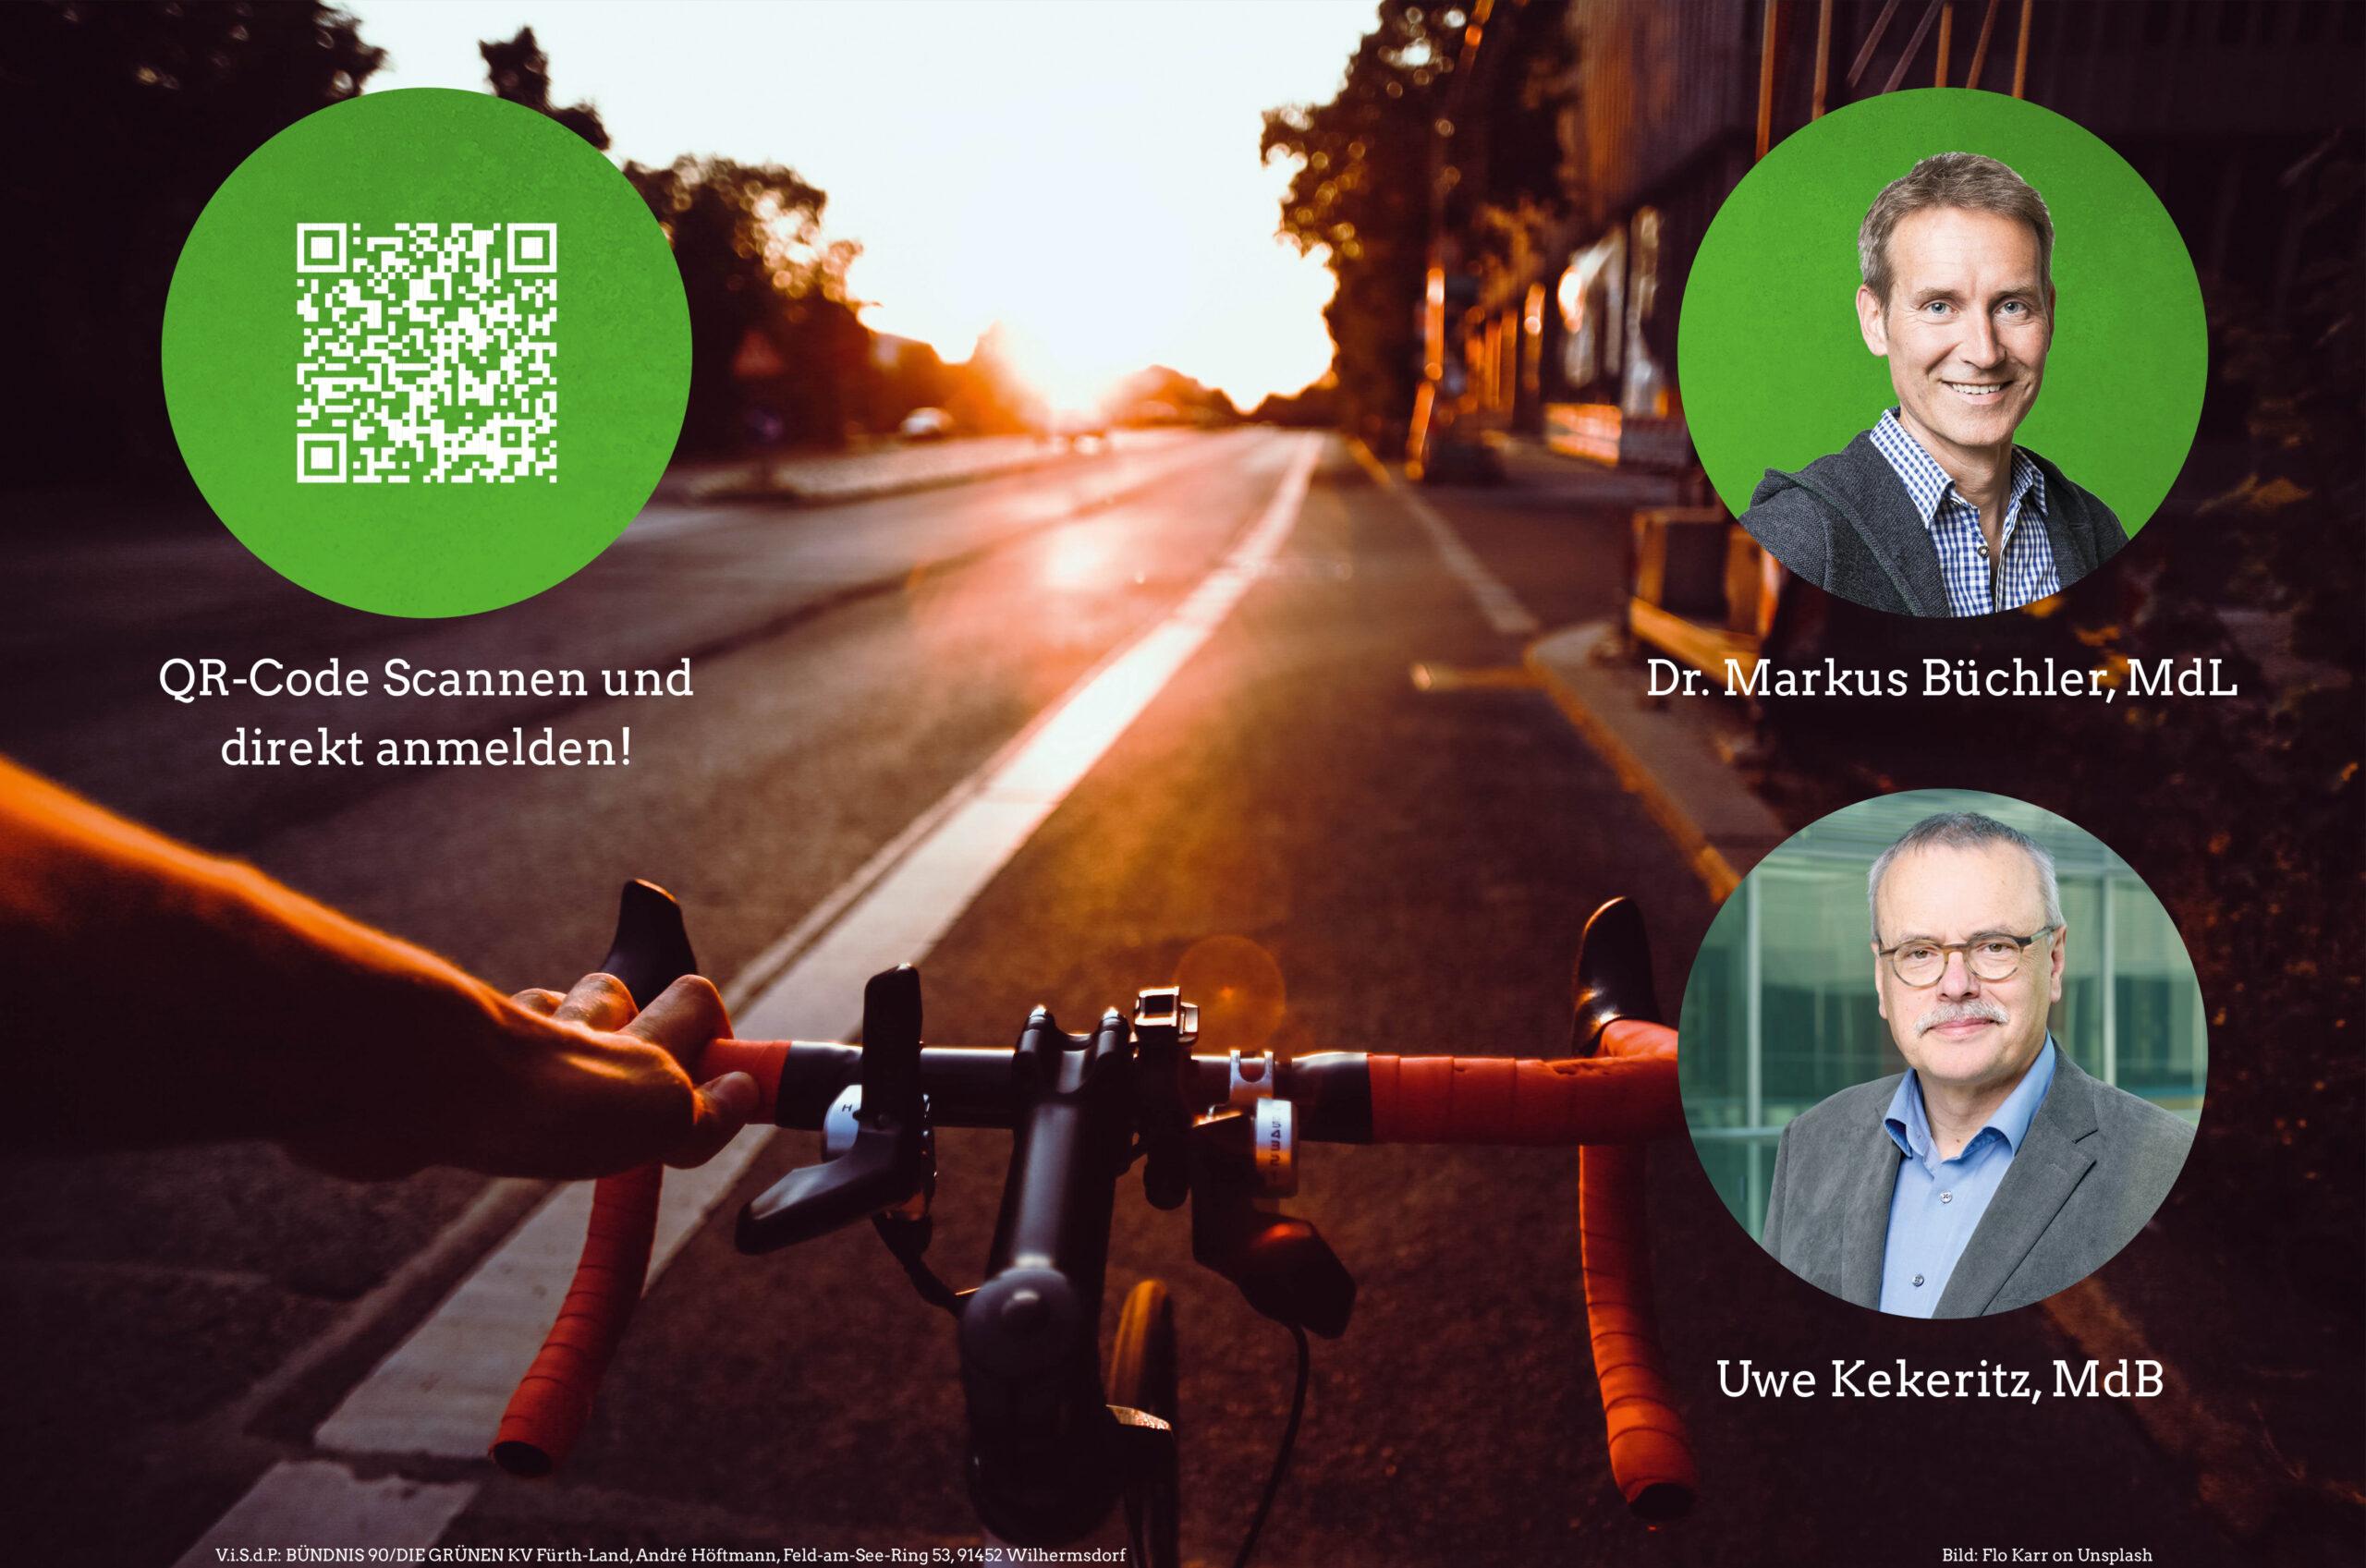 """Einladung: """"Wem gehört die Straße?!"""" – digitaler Diskussionsabend mit Markus Büchler, MdL und Uwe Kekeritz, MdB"""